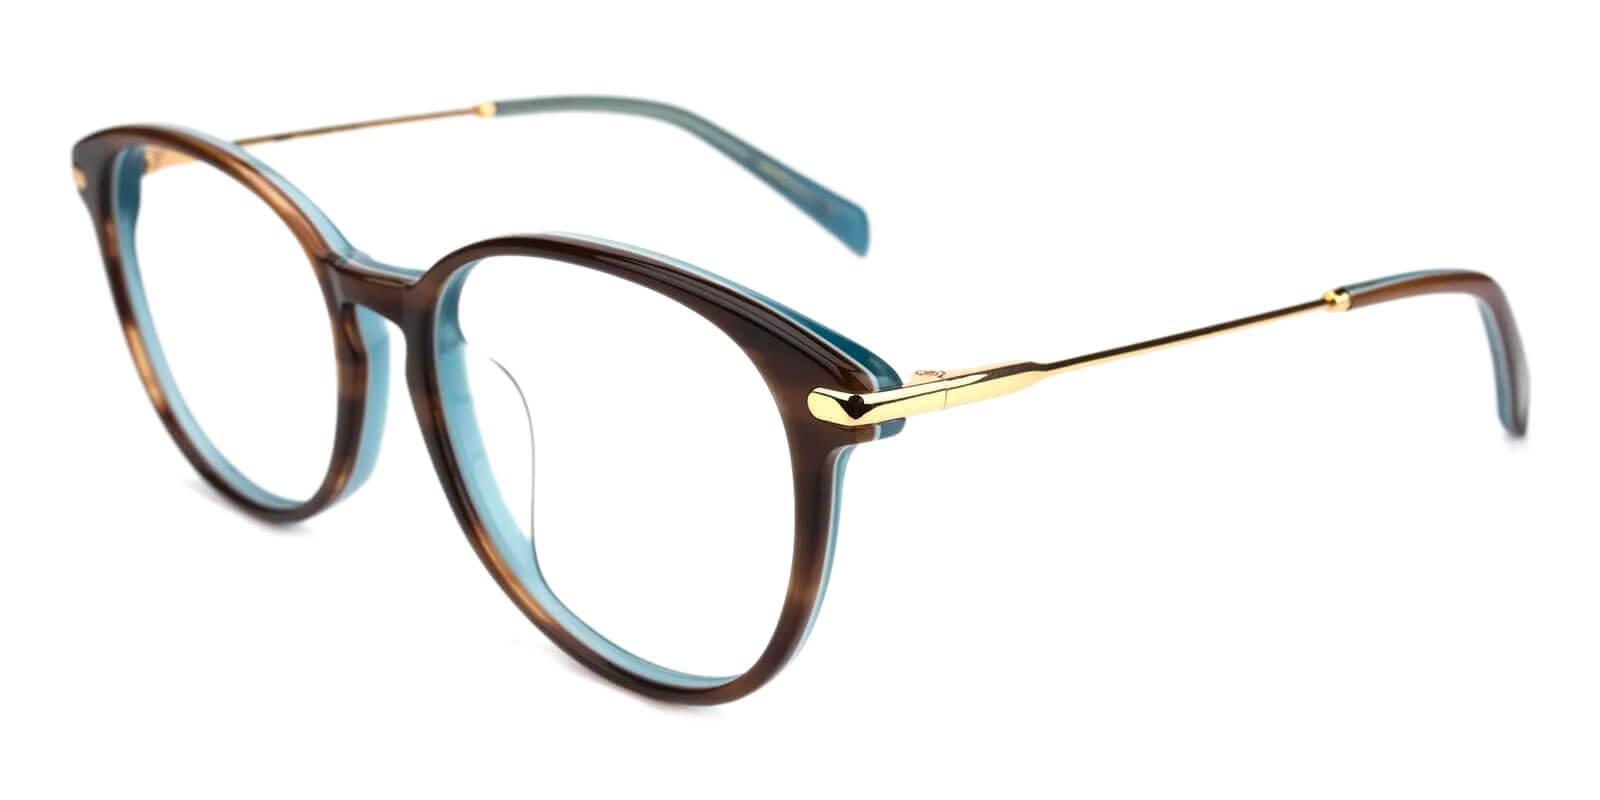 Synopsis Tortoise Acetate Eyeglasses , UniversalBridgeFit Frames from ABBE Glasses